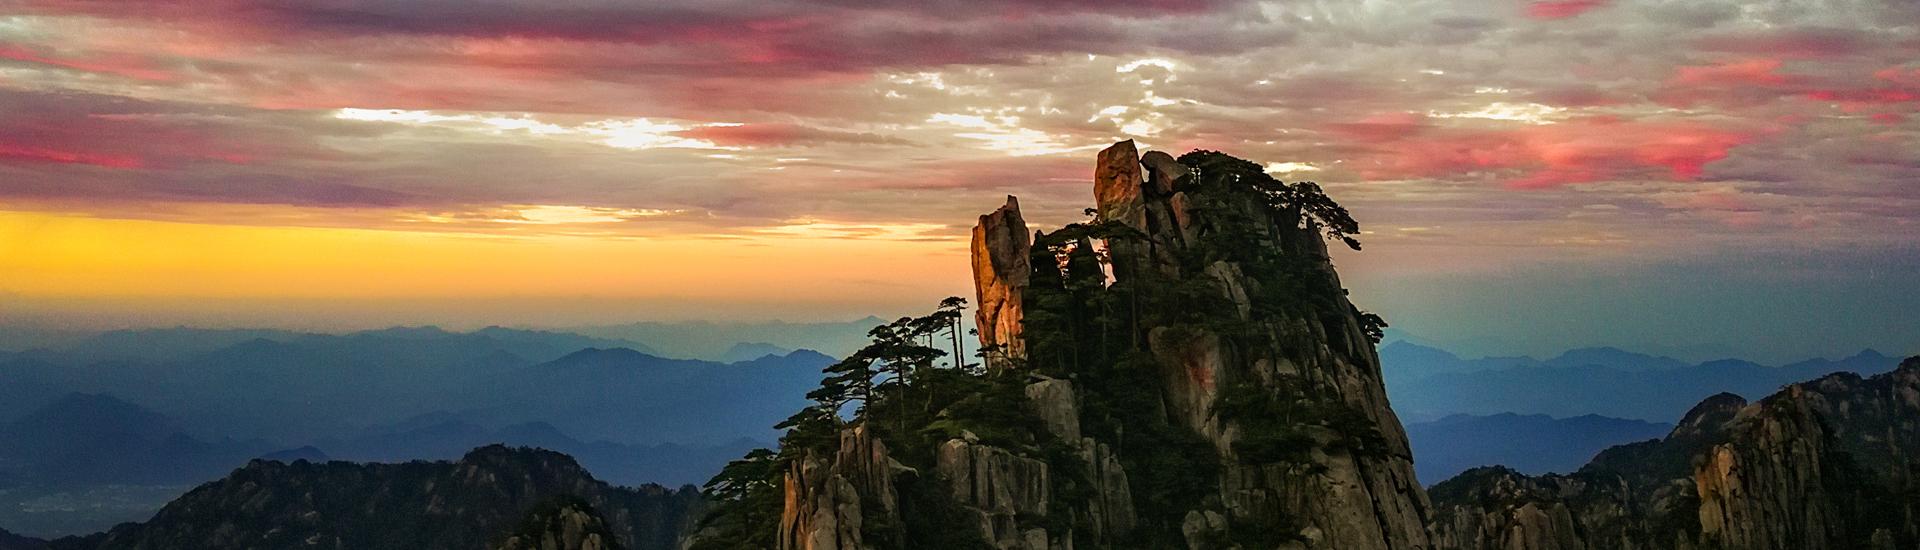 黄山市十条旅游风景道,你pick哪一条?